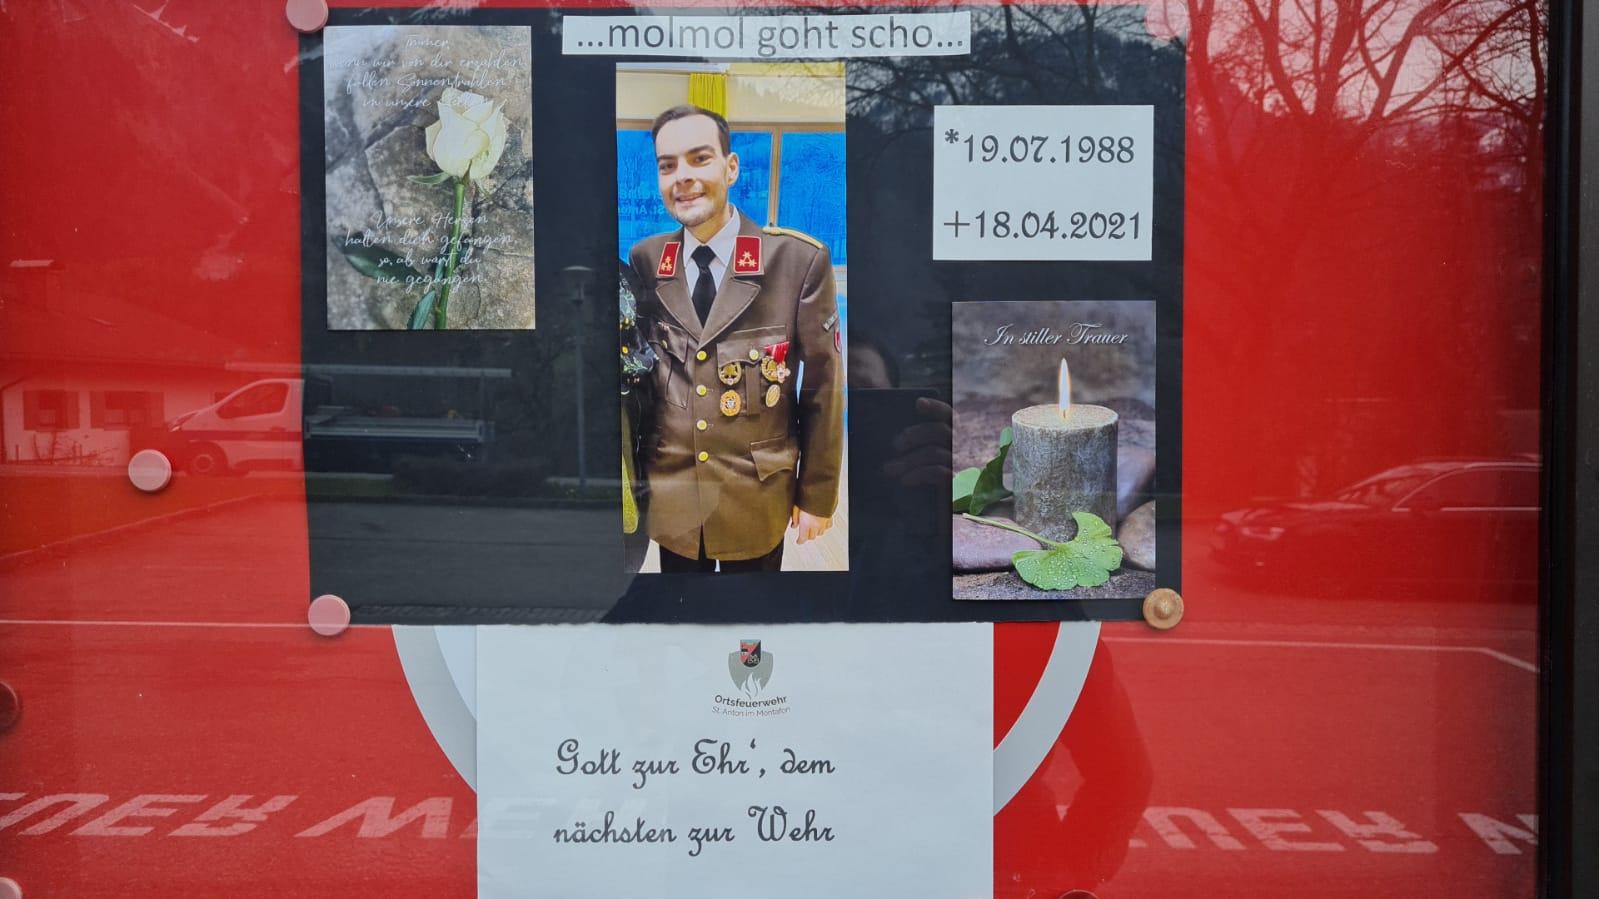 Wir trauern um unseren Kommandanten Vonderleu Mathias